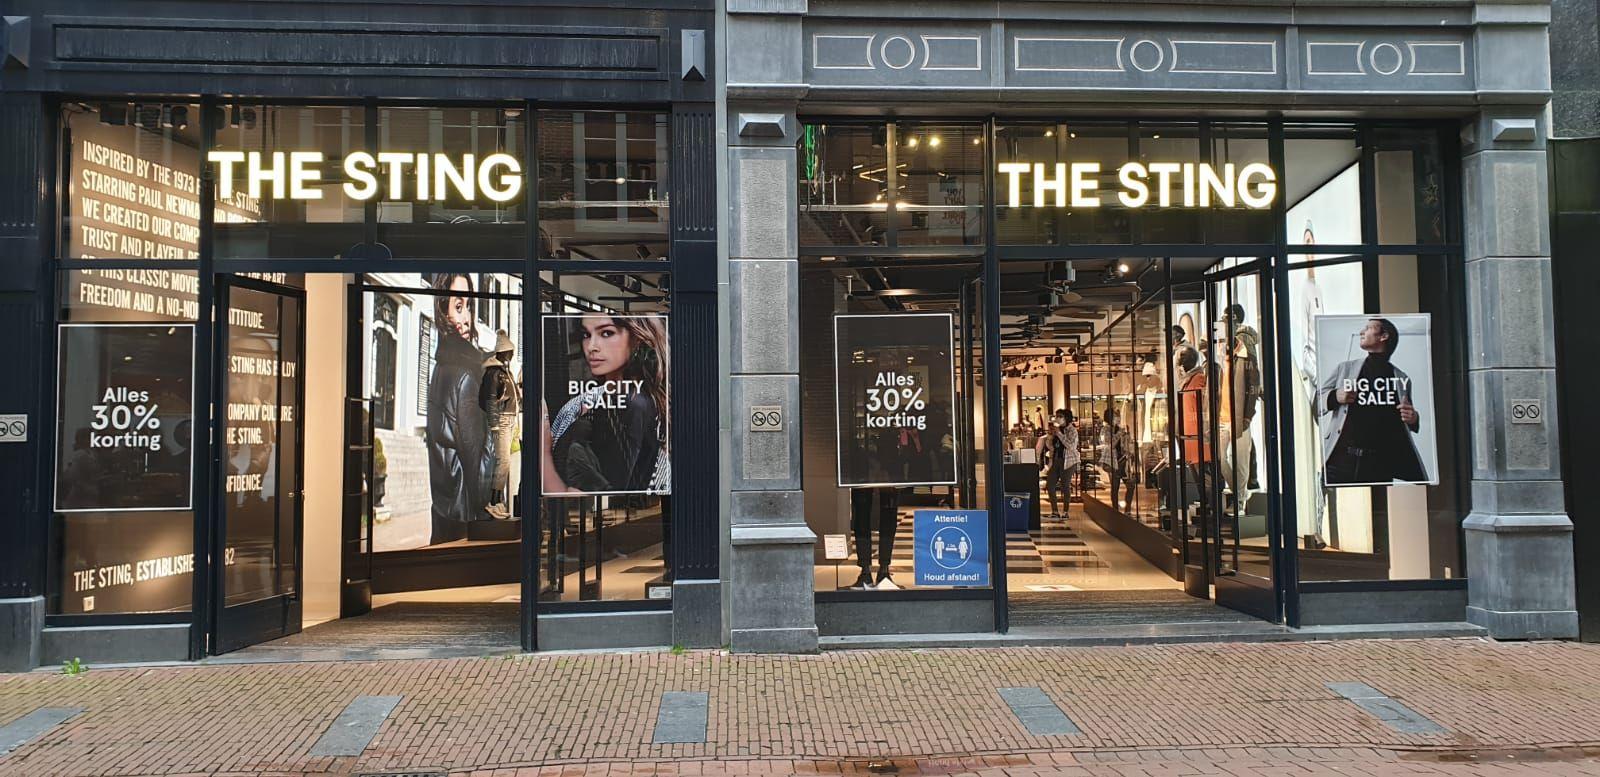 Big city sale! 30% korting op hele collectie inclusief sale bij The Sting Amsterdam Kalverpassage